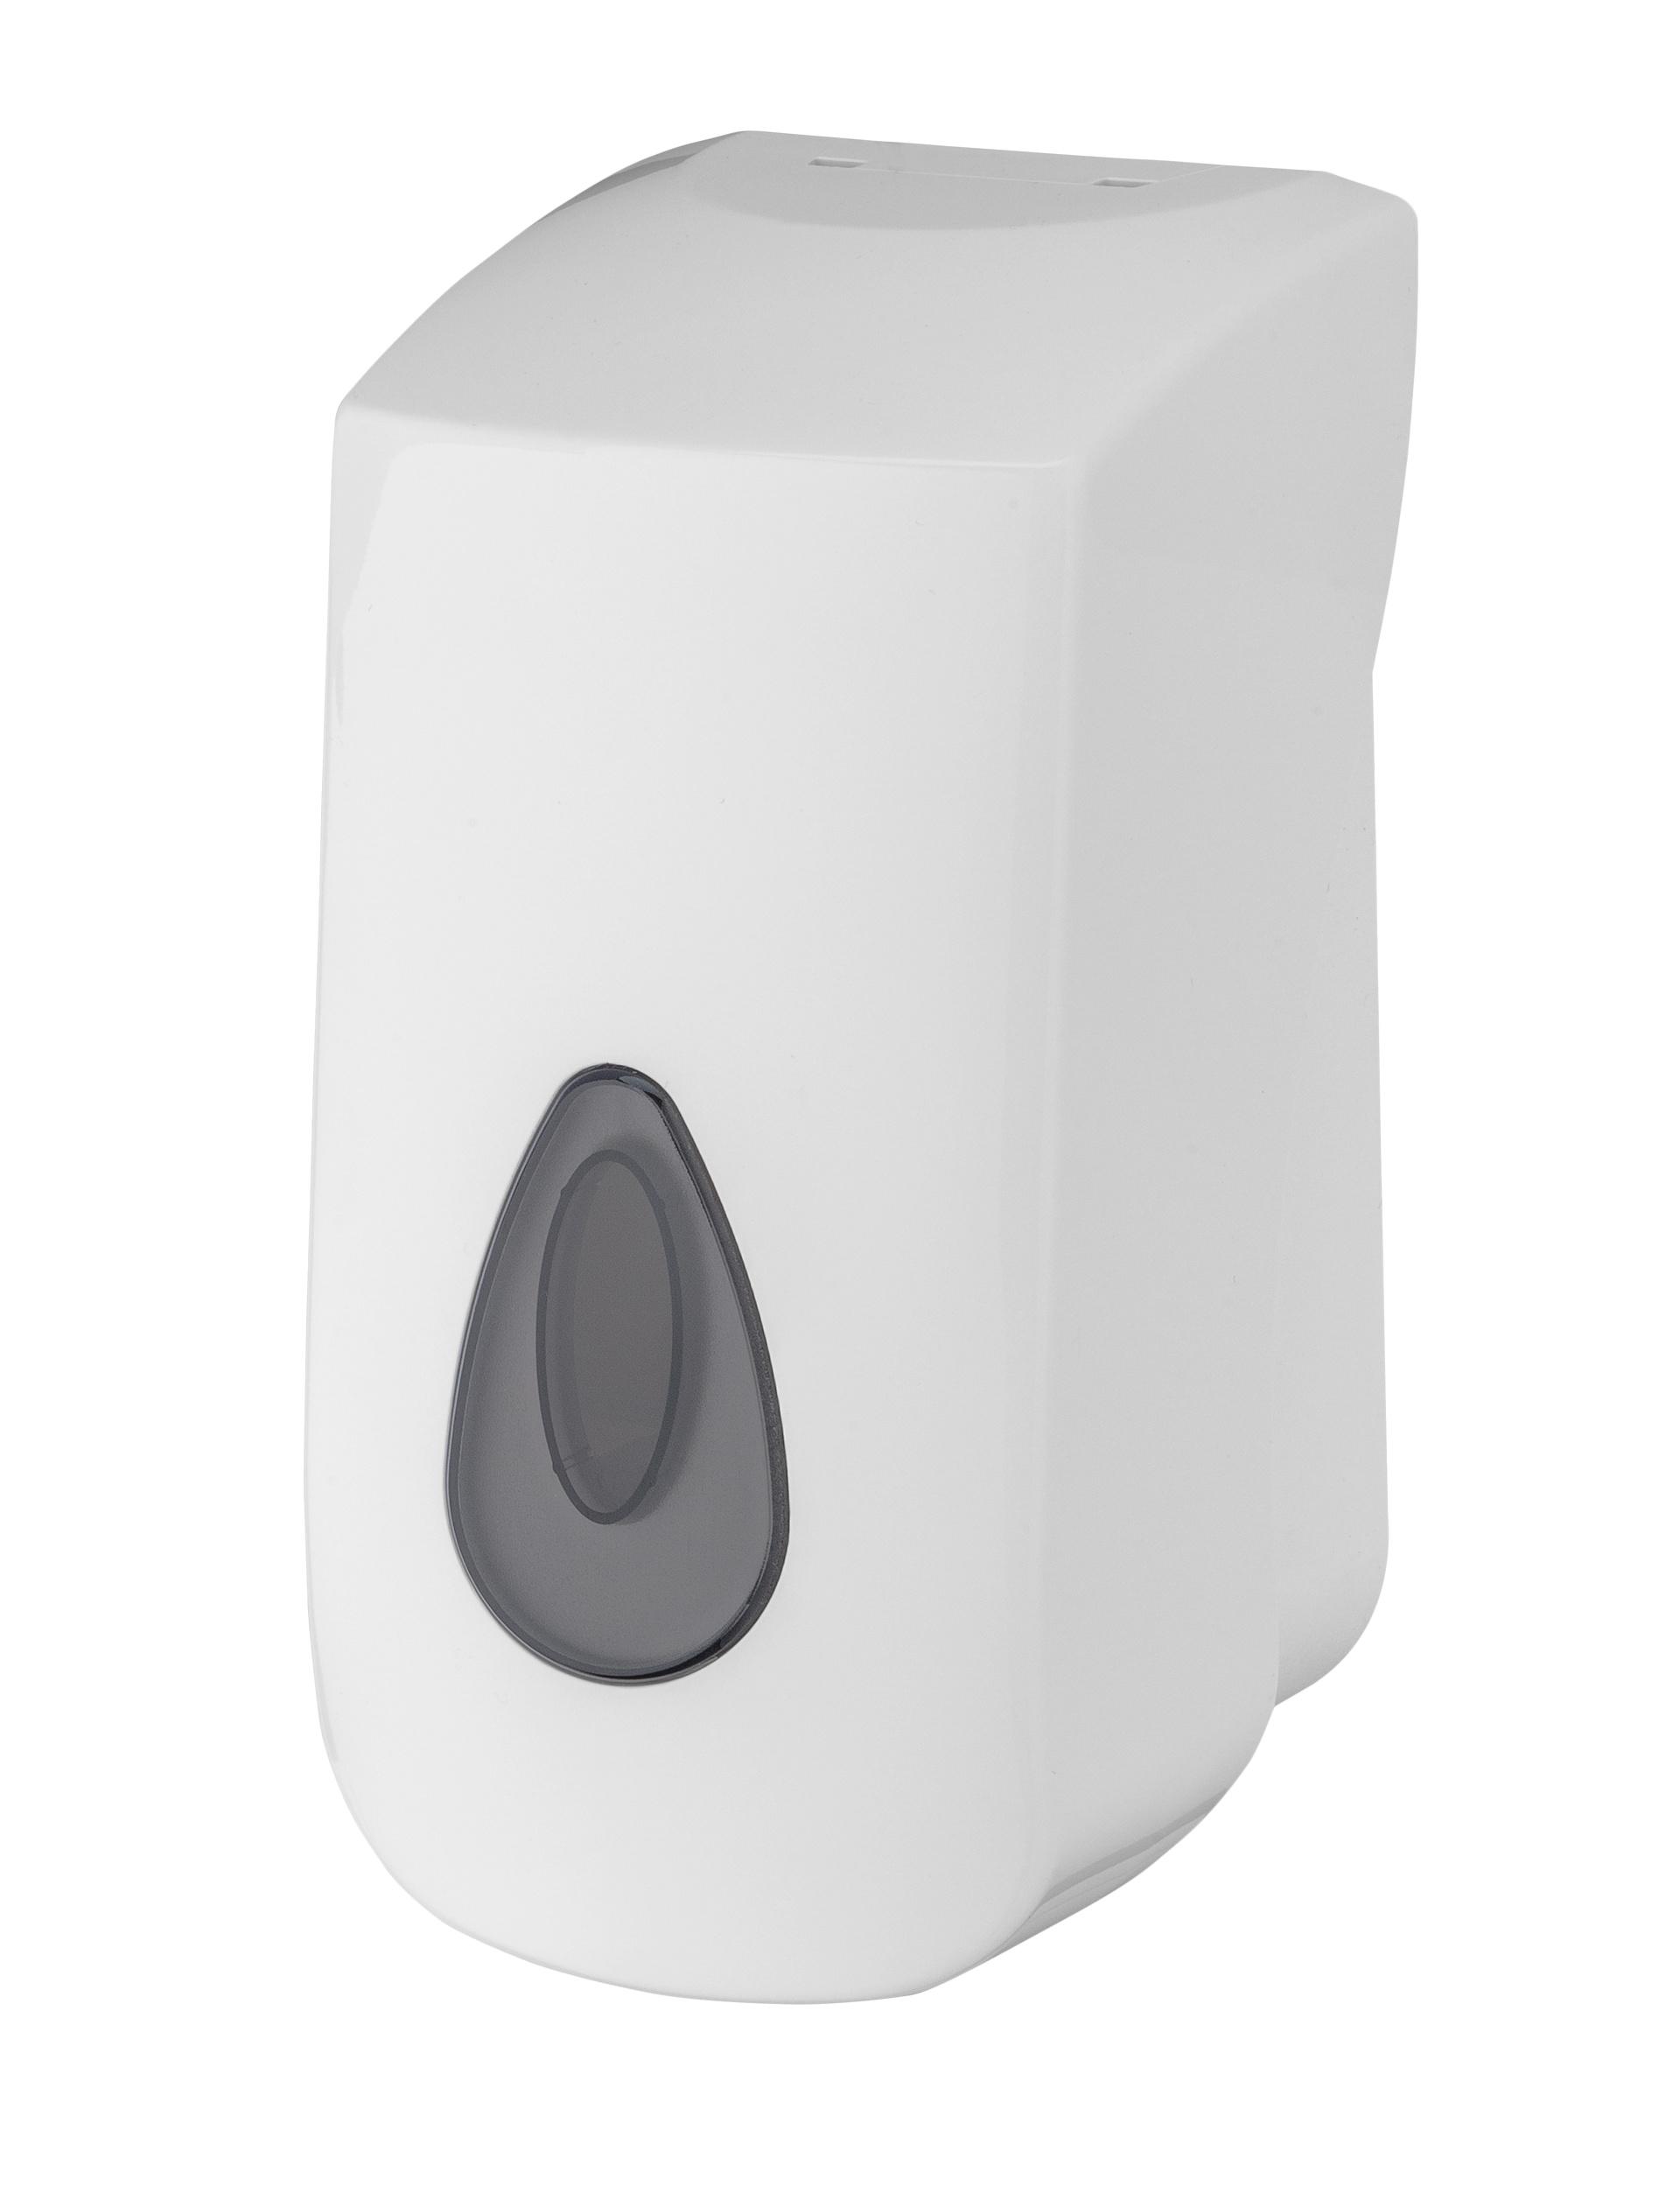 WC-Toilettensitz-Desinfektionsmittelspender, Kunststoff mit Sichtfenster, weiß, 400 ml